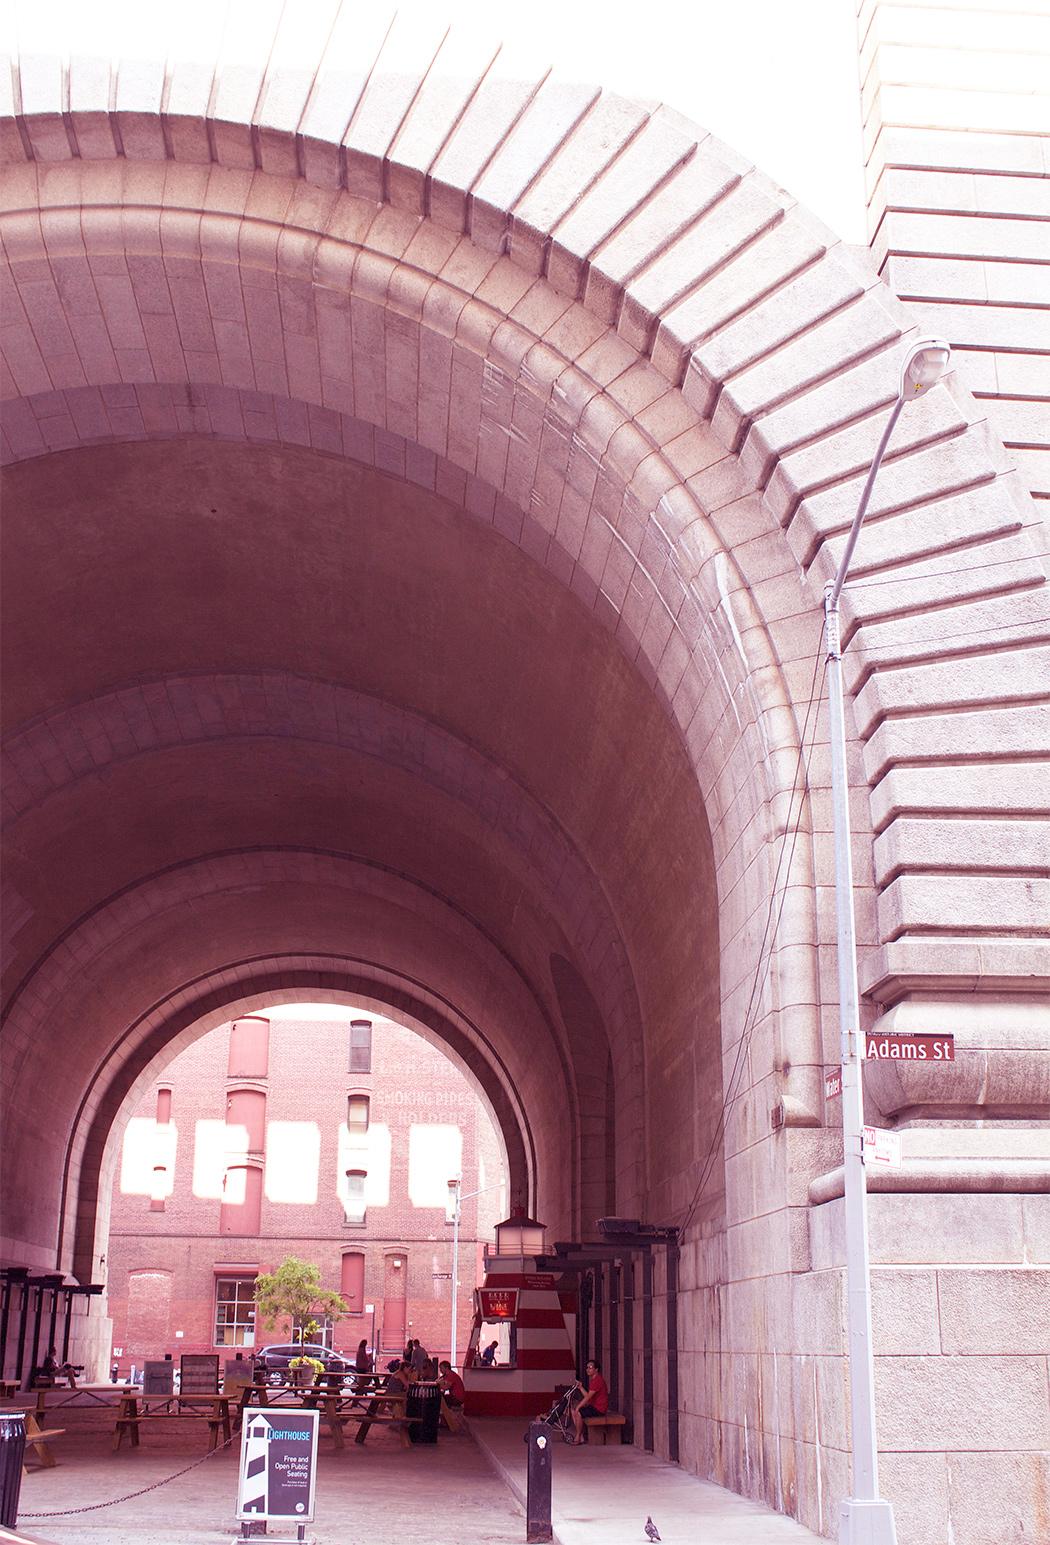 DUMB-Brooklyn-arch